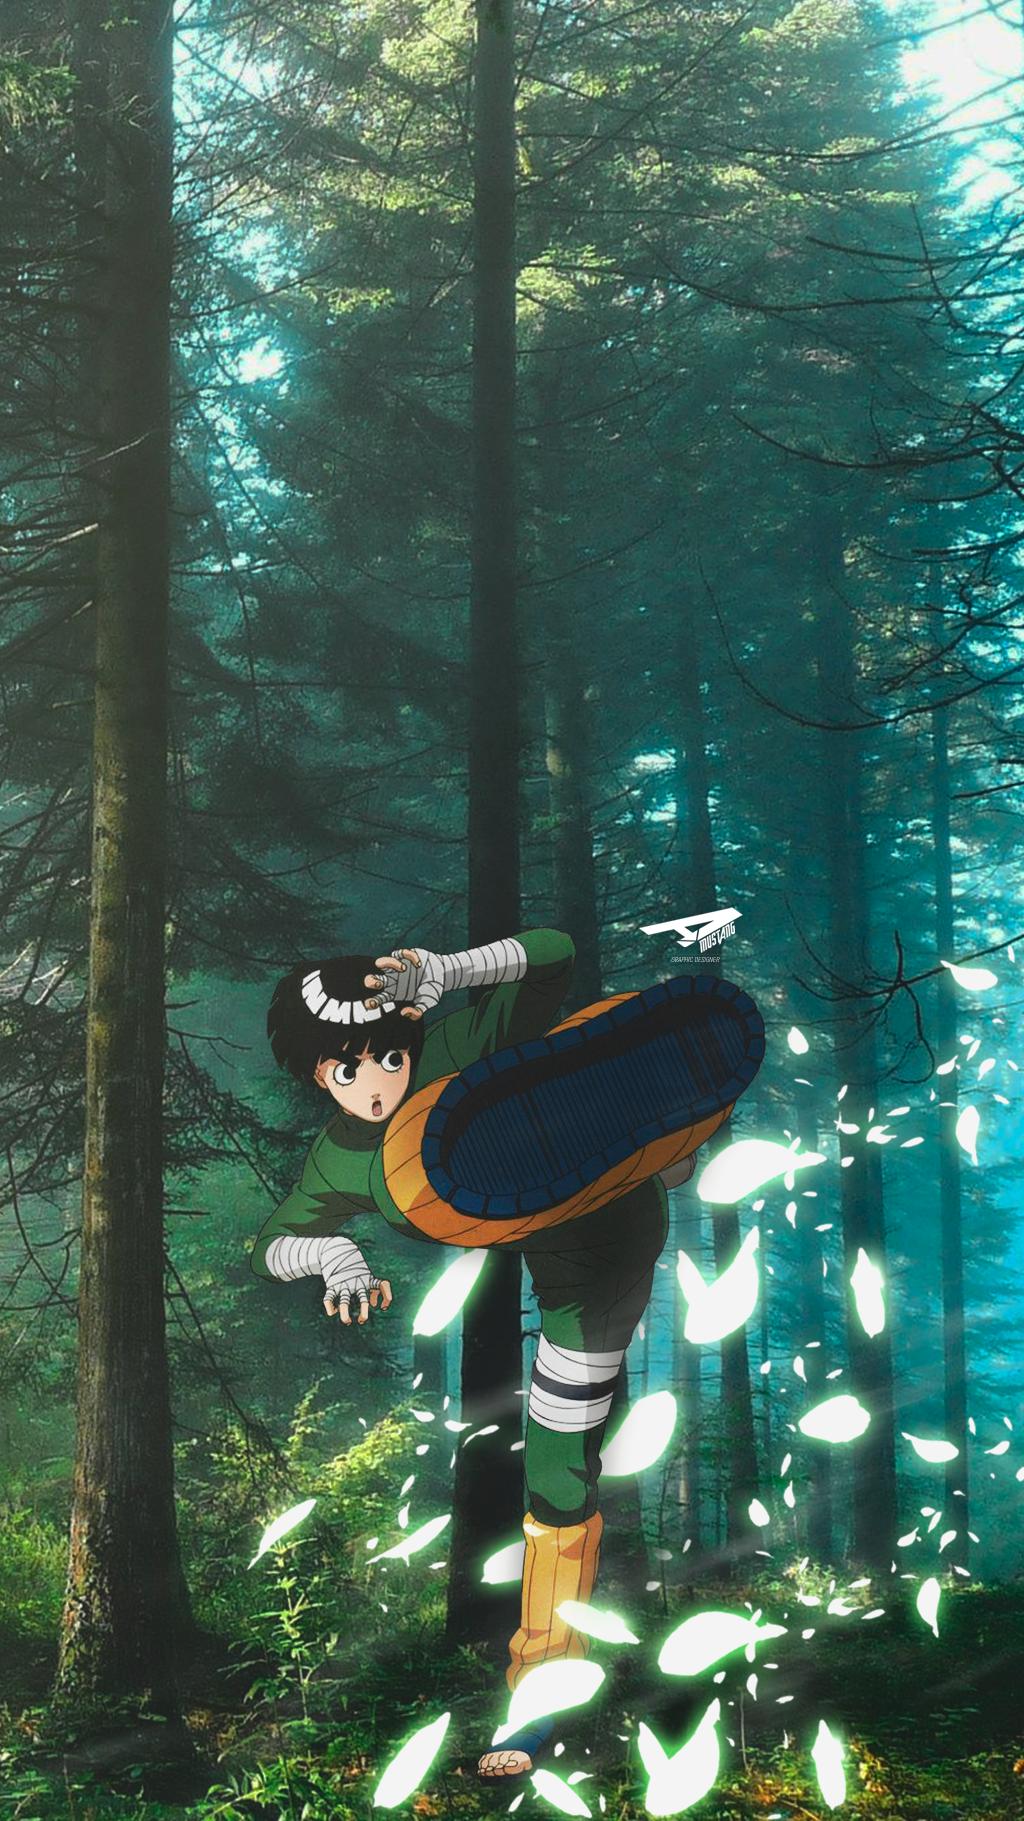 Rock Lee Wallpaper By mustaGOD in 2020 Anime wallpaper